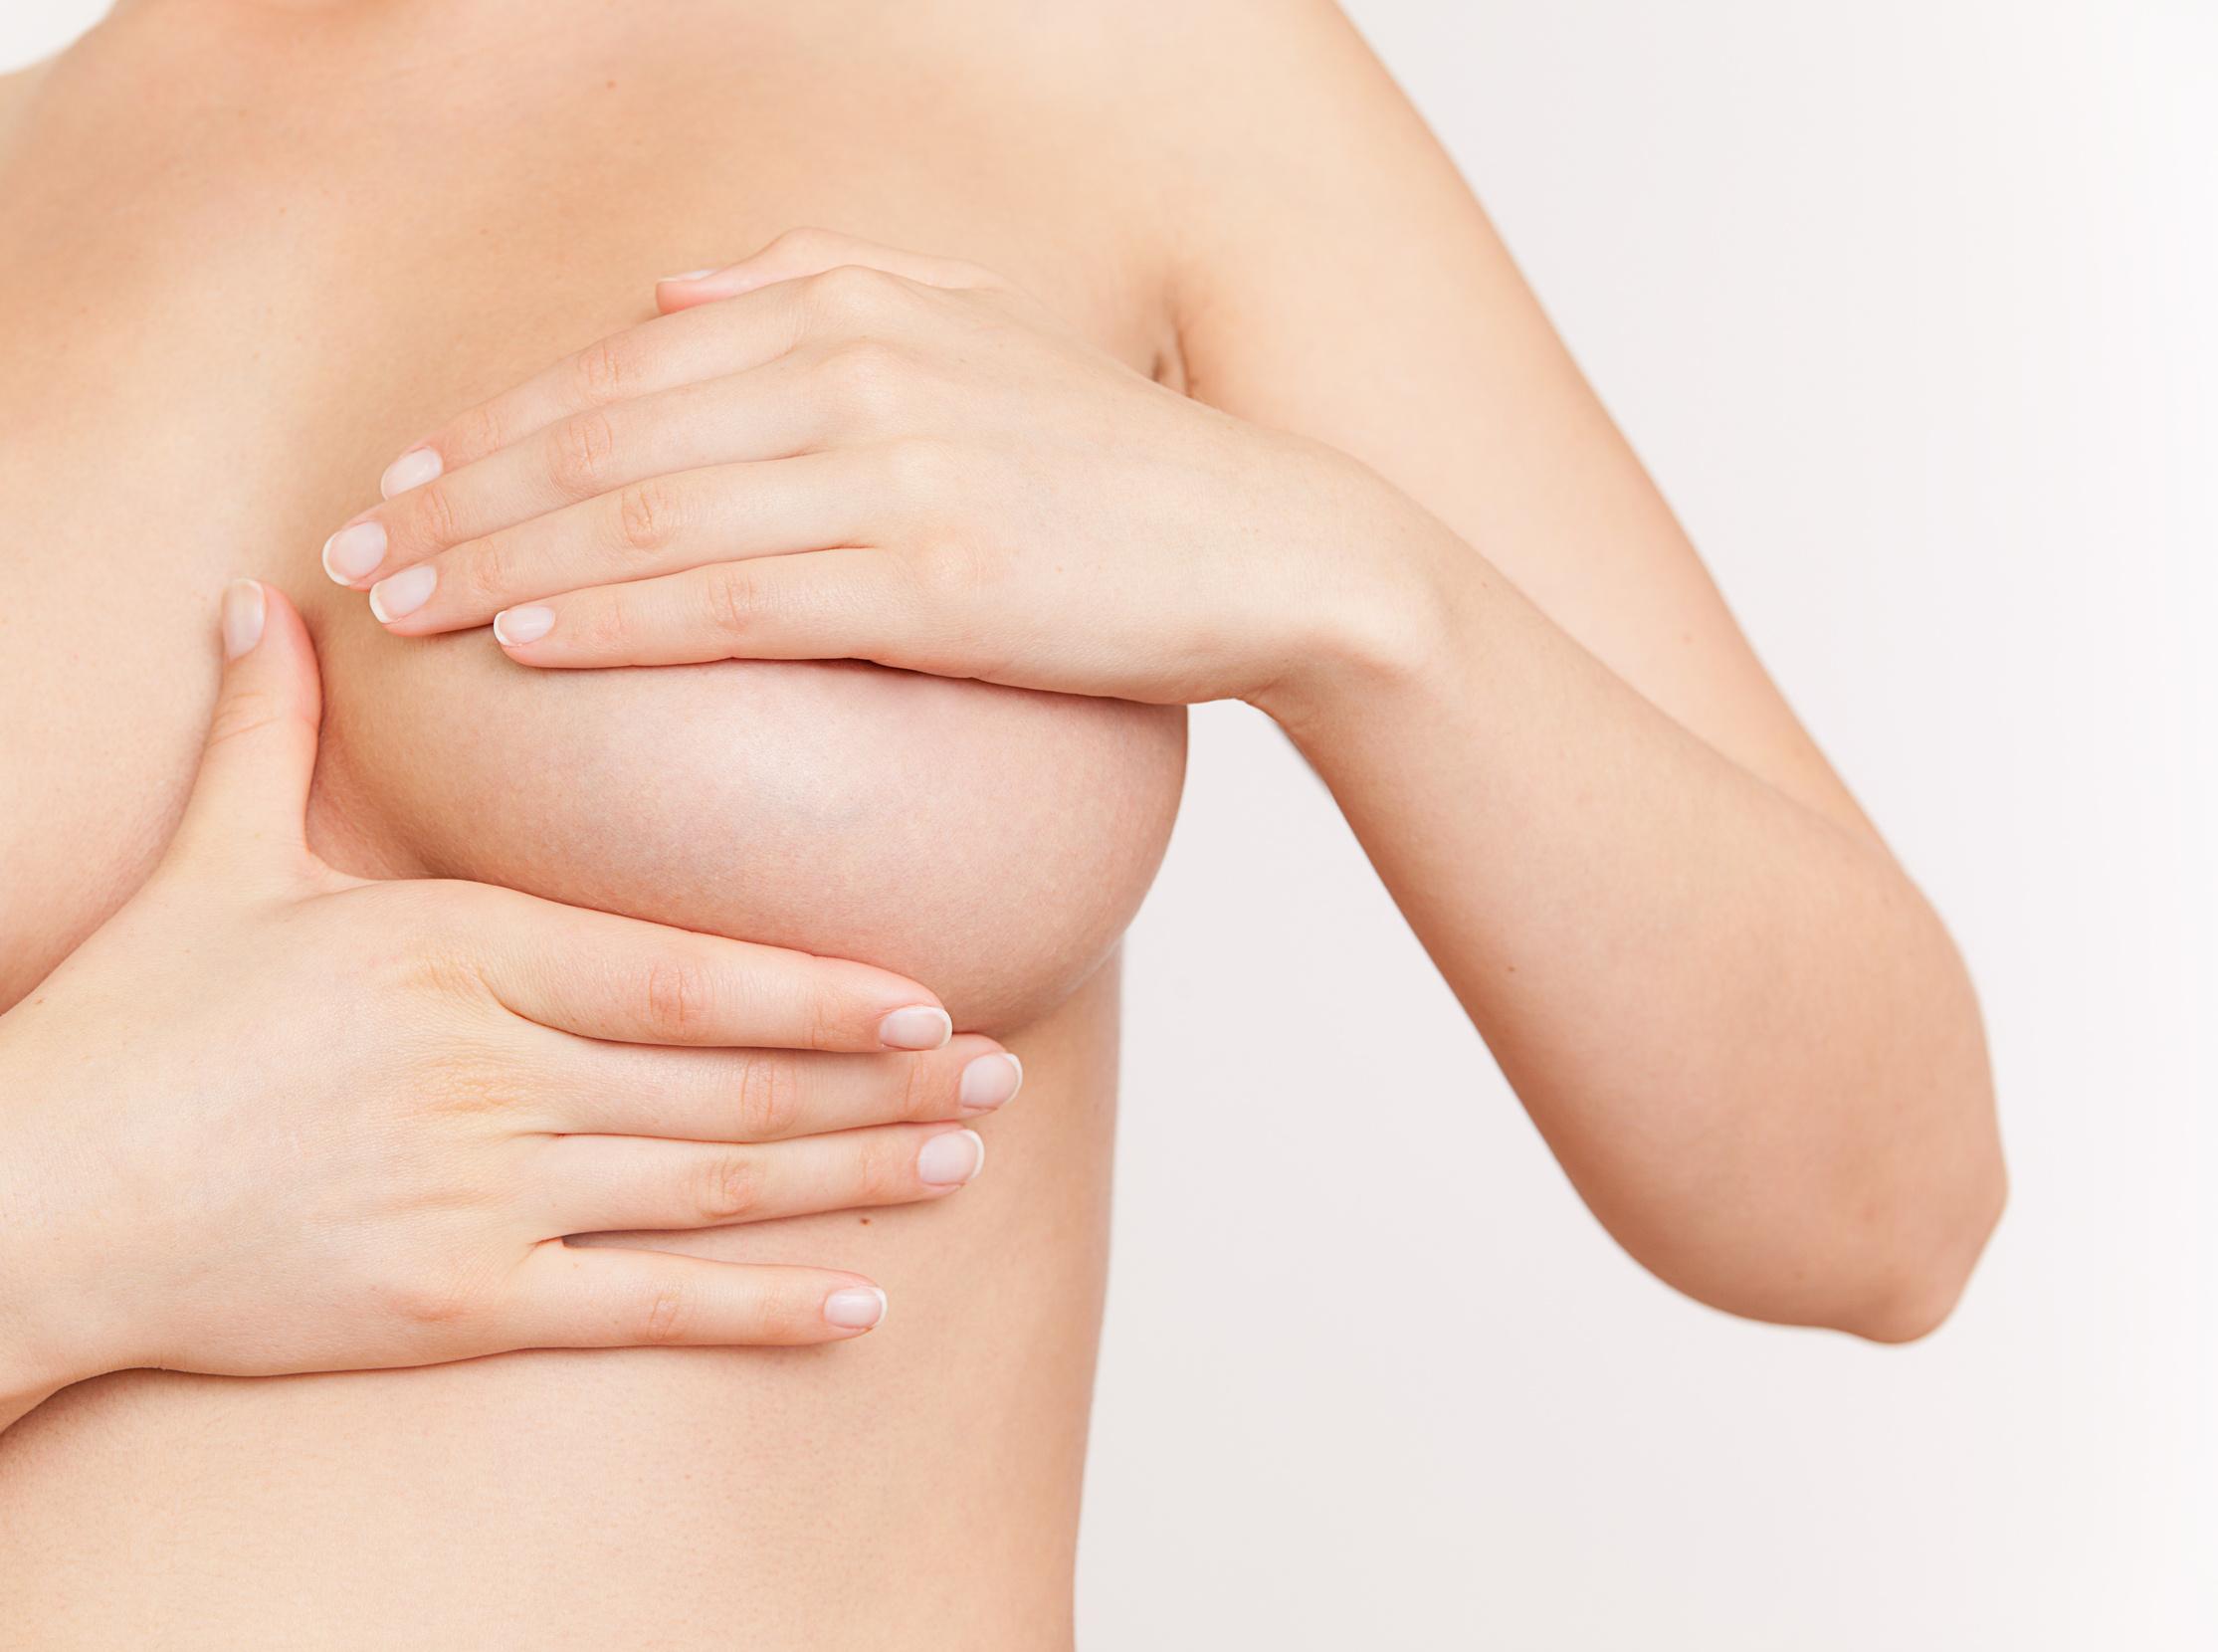 Dolore al seno prima e dopo il ciclo: cause e rimedi